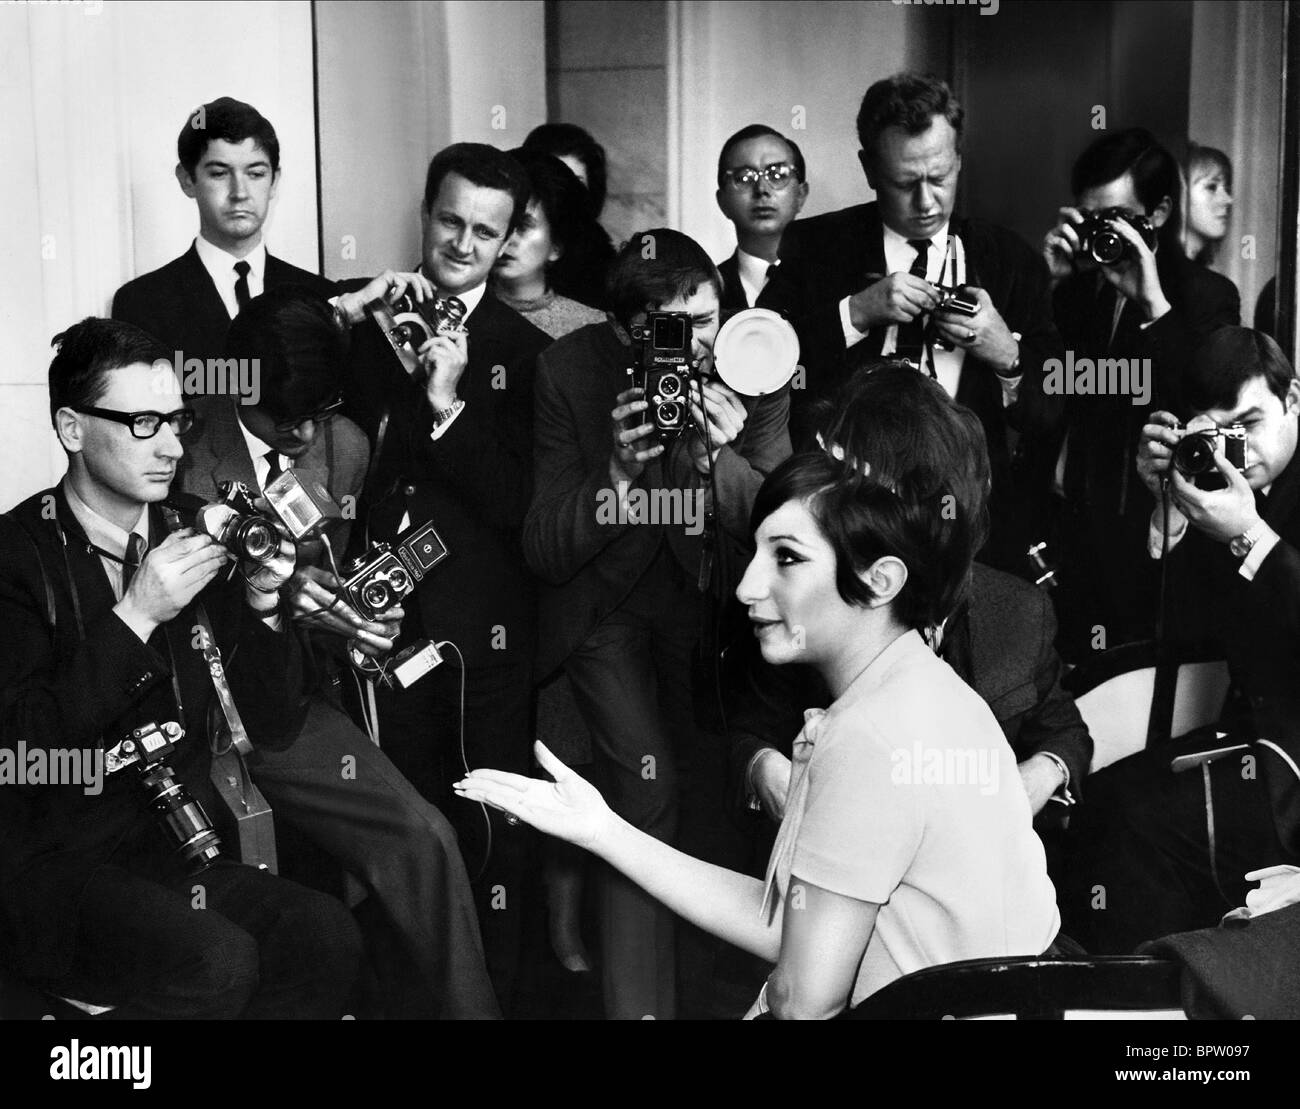 BARBRA STREISAND FUNNY GIRL PREMIERE (1968) - Stock Image